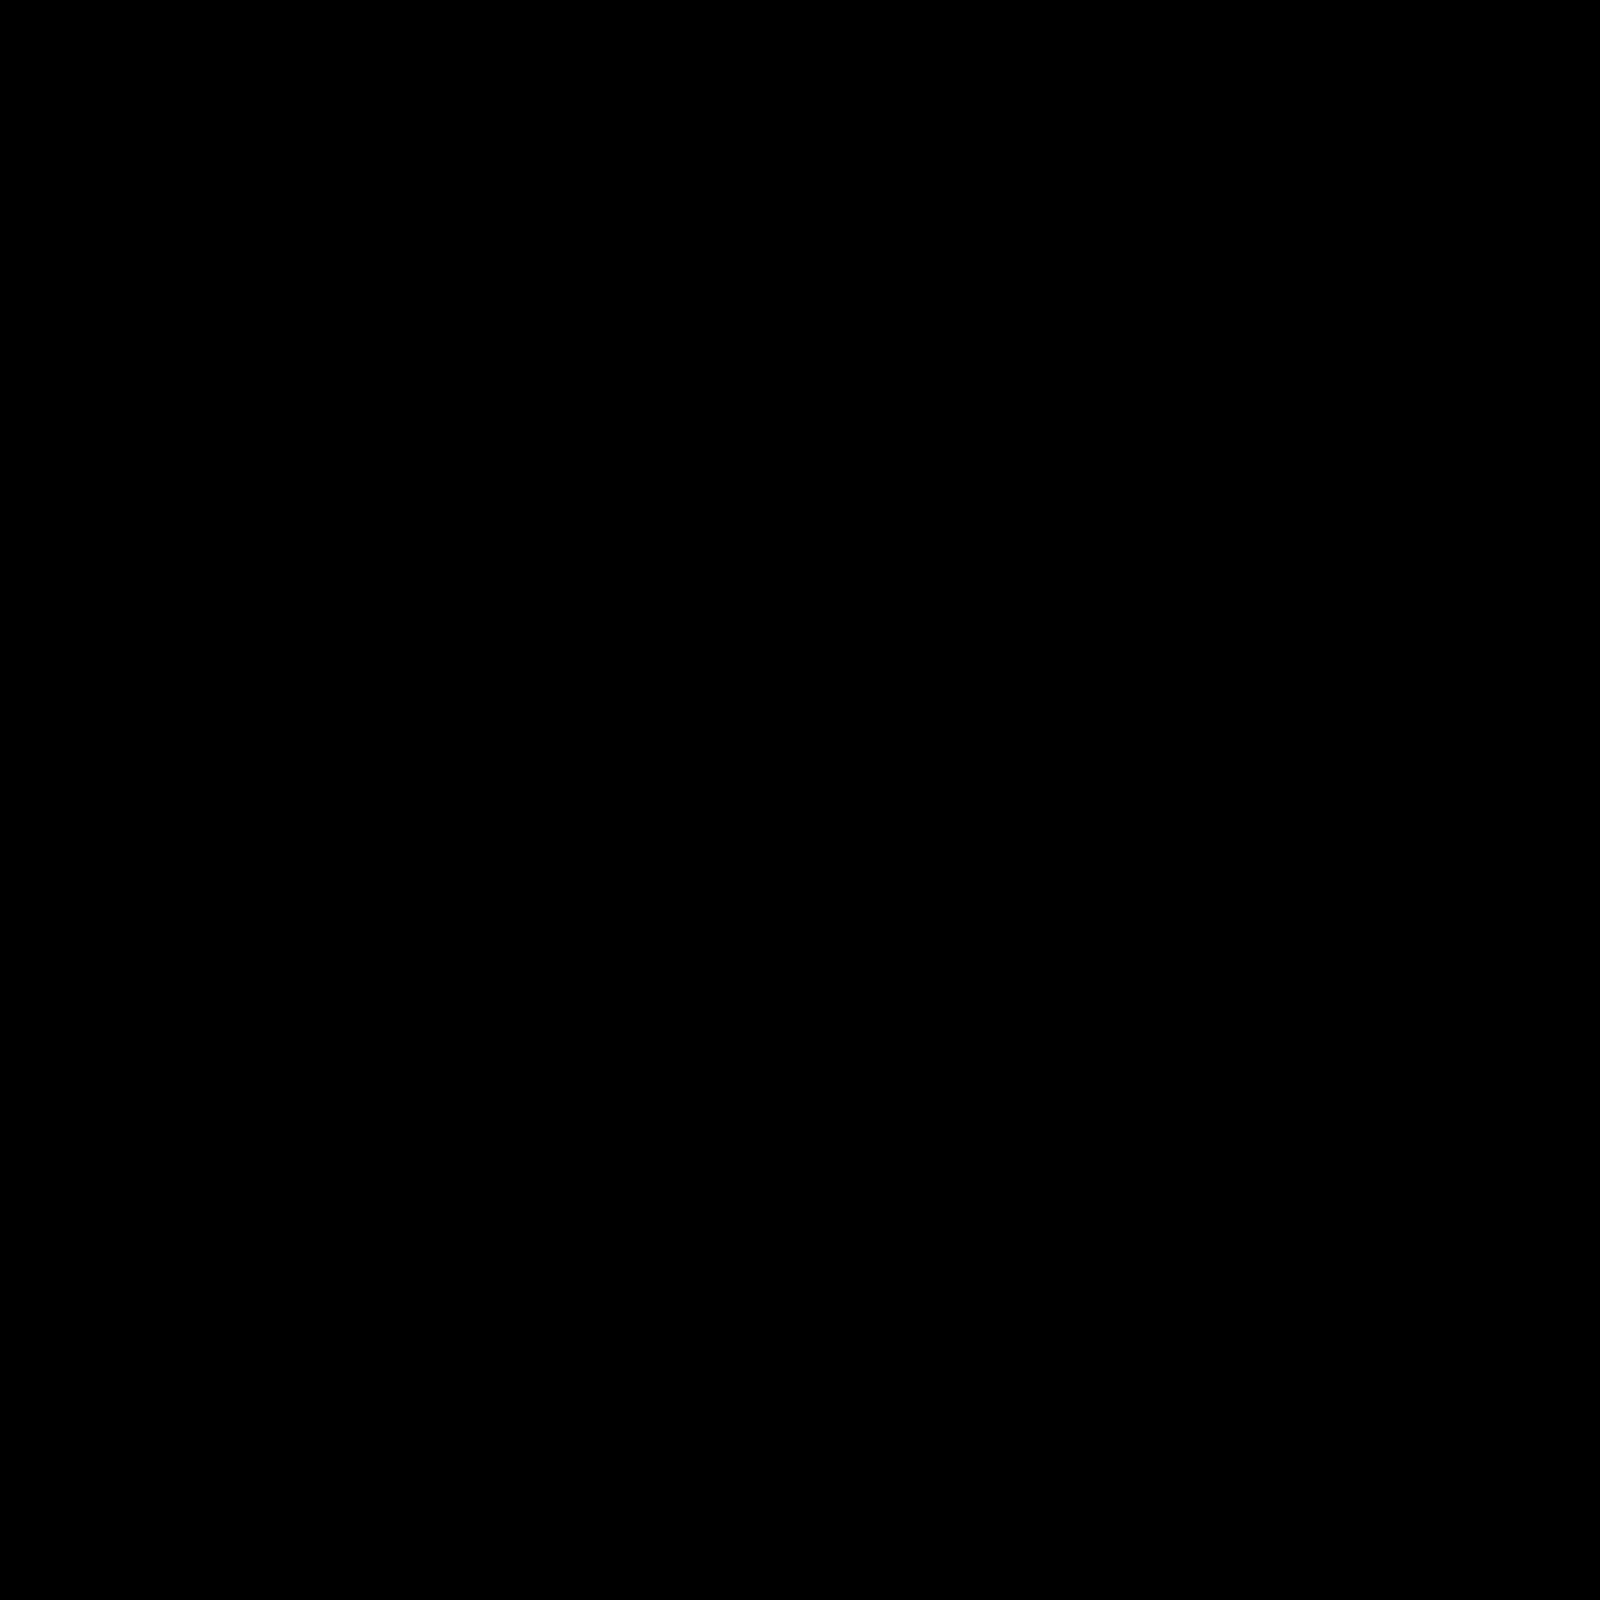 Uszanka icon